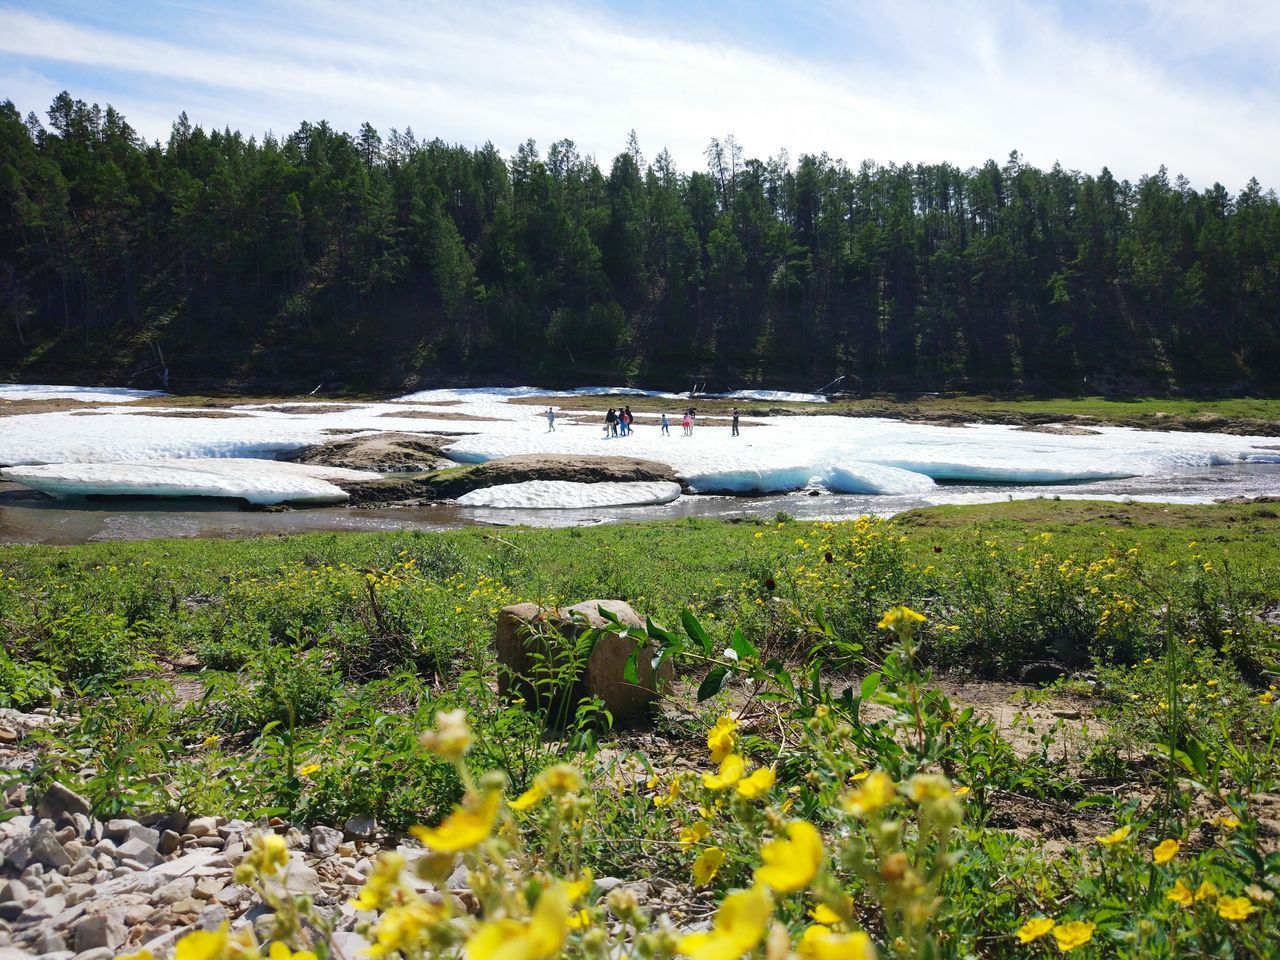 Buluus Flower Snow Summer Sky Yakutsk Yakutia Repablic Of Sakha (Yakutia)